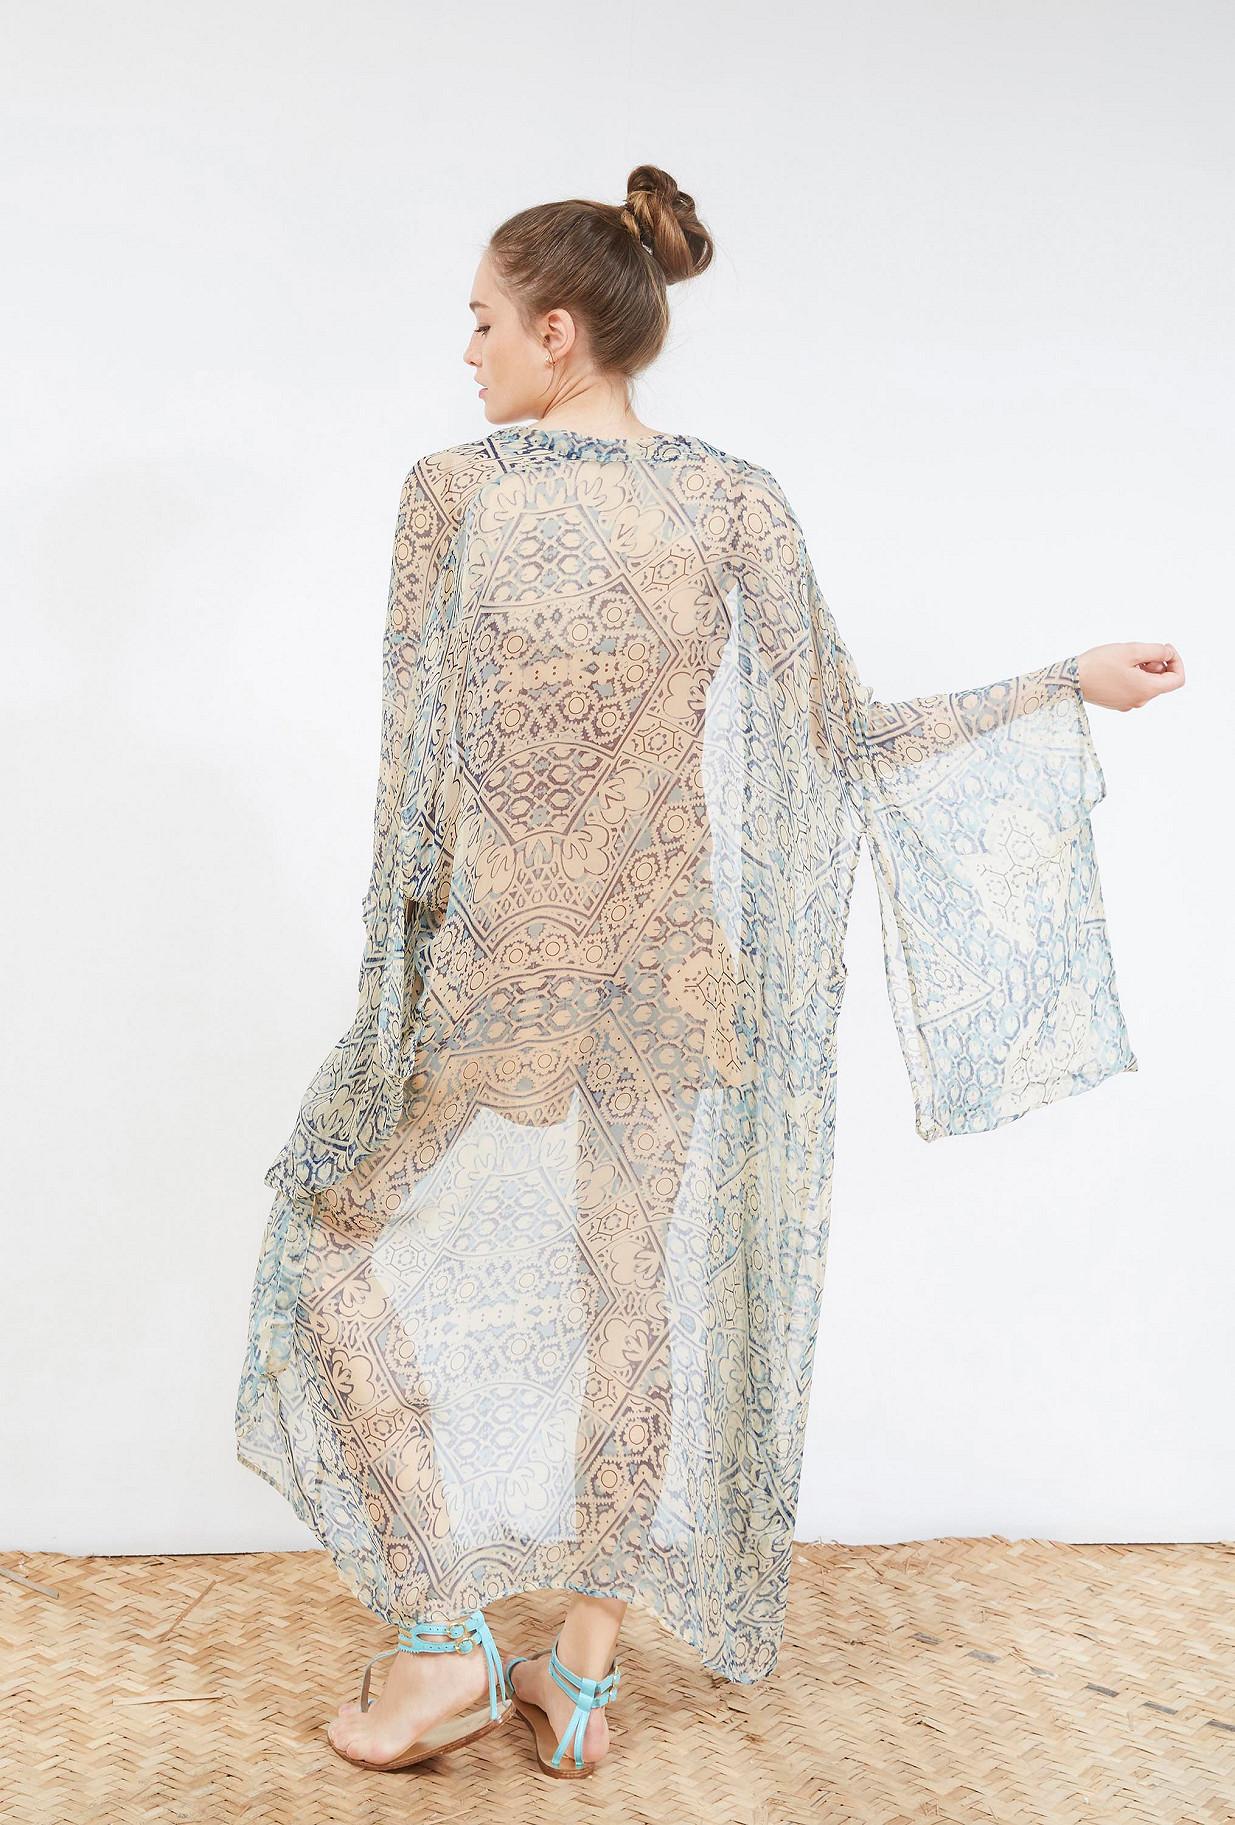 clothes store KIMONO  Felospath french designer fashion Paris